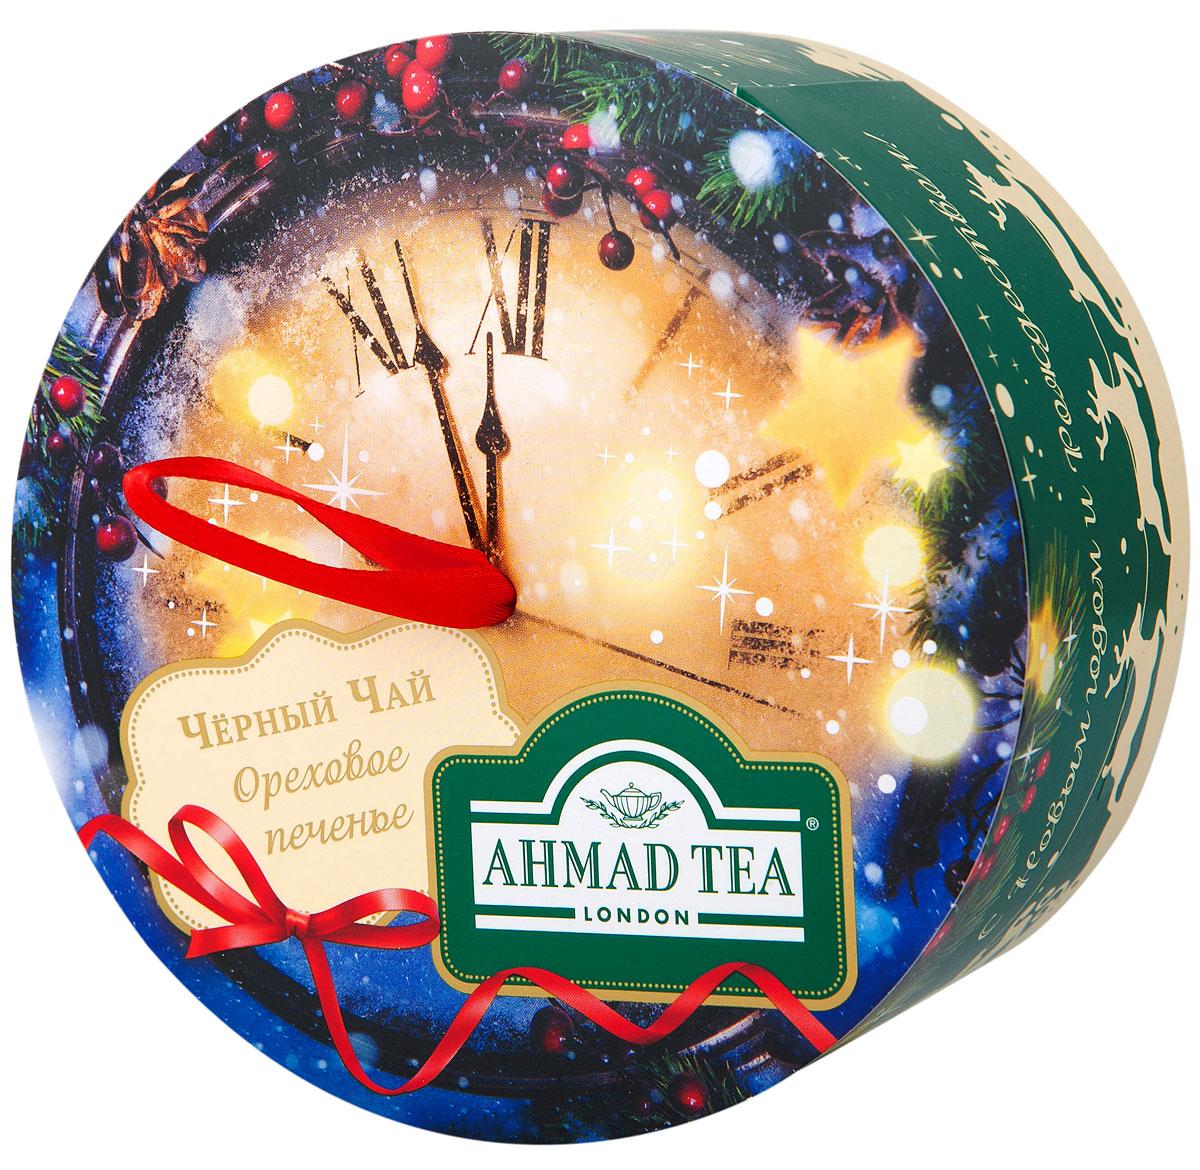 Ahmad Tea Новогодняя ночь черный листовой чай с лесным орехом, 60 гN068Благородный вкус черного чая с высокогорных плантаций Индии и Цейлона приобретает особенную выразительность в сочетании с тонким ореховым послевкусием. Сладкая нота лесного ореха смягчает классическую терпкость черного чая и придает десертное звучание этому изысканному купажу.